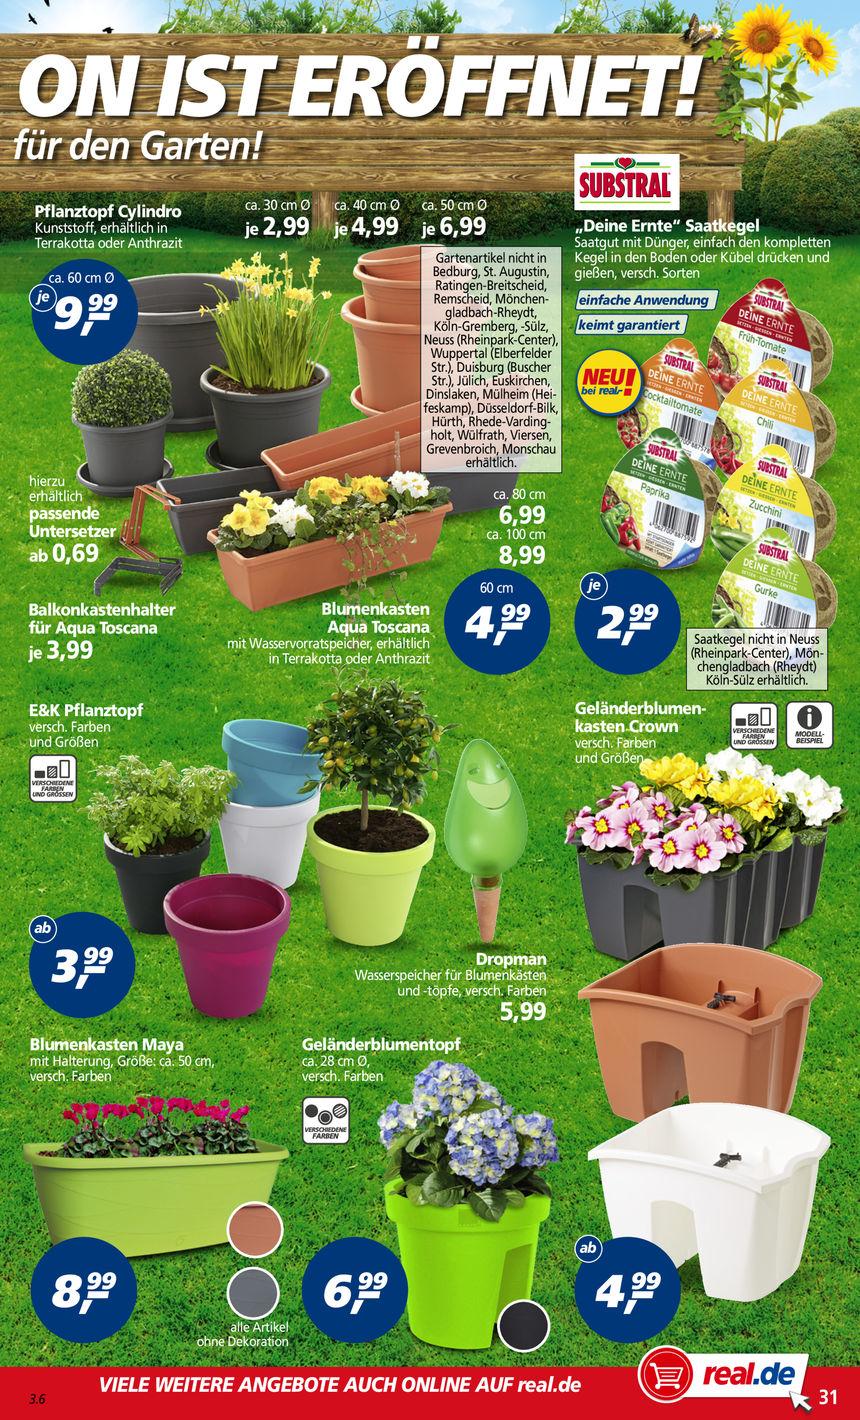 Substral Gemüse-Setztöpfchen für 2,99 mit 5 für 4 und Payback kombinieren